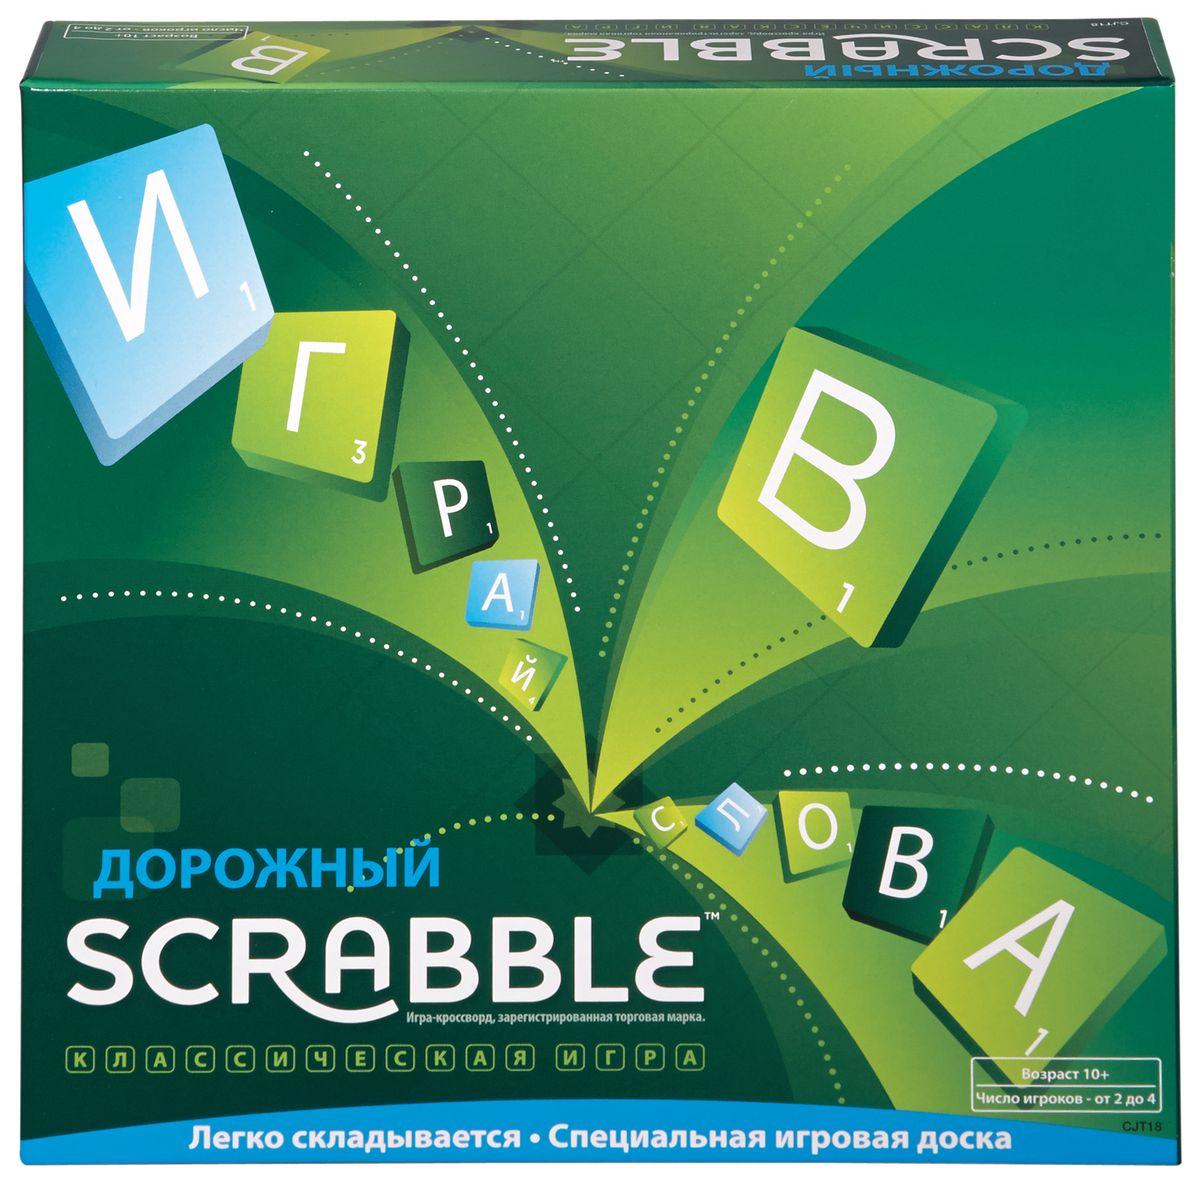 Mattel Games Настольная игра Scrabble. ДорожныйCJT18Scrabble - настольная игра, в которой 2 или 4 играющих соревнуются в образовании слов с использованием буквенных плиток на доске, разбитой на 225 квадратов. Поле игры изготовлено из прочного картона. Теперь ваша любимая игра может легко путешествовать вместе с вами! Играйте в поезде, самолете, да хоть на вершине горы! Все благодаря специальной игровой доске, которая удерживает фишки на месте, пока вы играете. Набор включает в себя: игровую доску (не складывающуюся), 104 фишки с буквами, 4 подставки для фишек, мешочек для фишек, правила игры. Рекомендуемый возраст: от 10 лет.